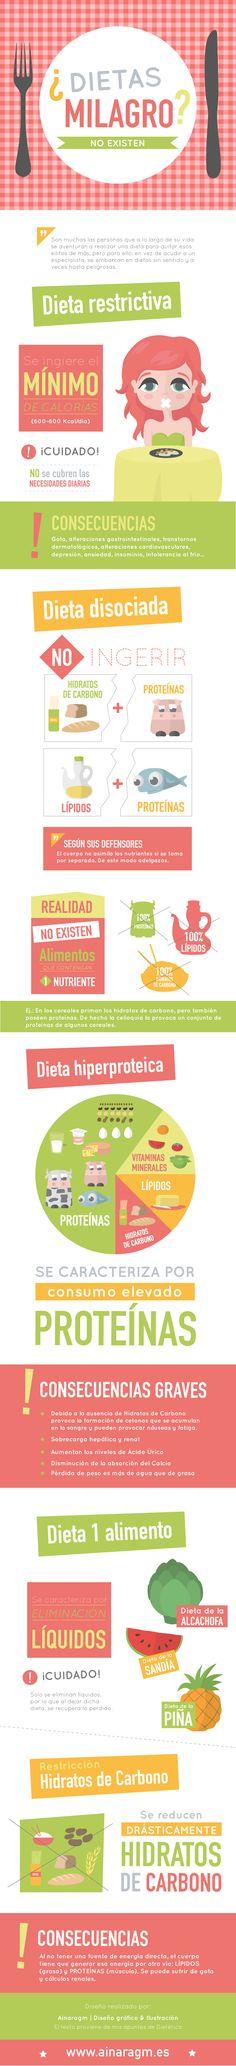 Las dietas milagro, ¡NO EXISTEN! #Infografia sobre las características y sus consecuencias de las #dietas milagro